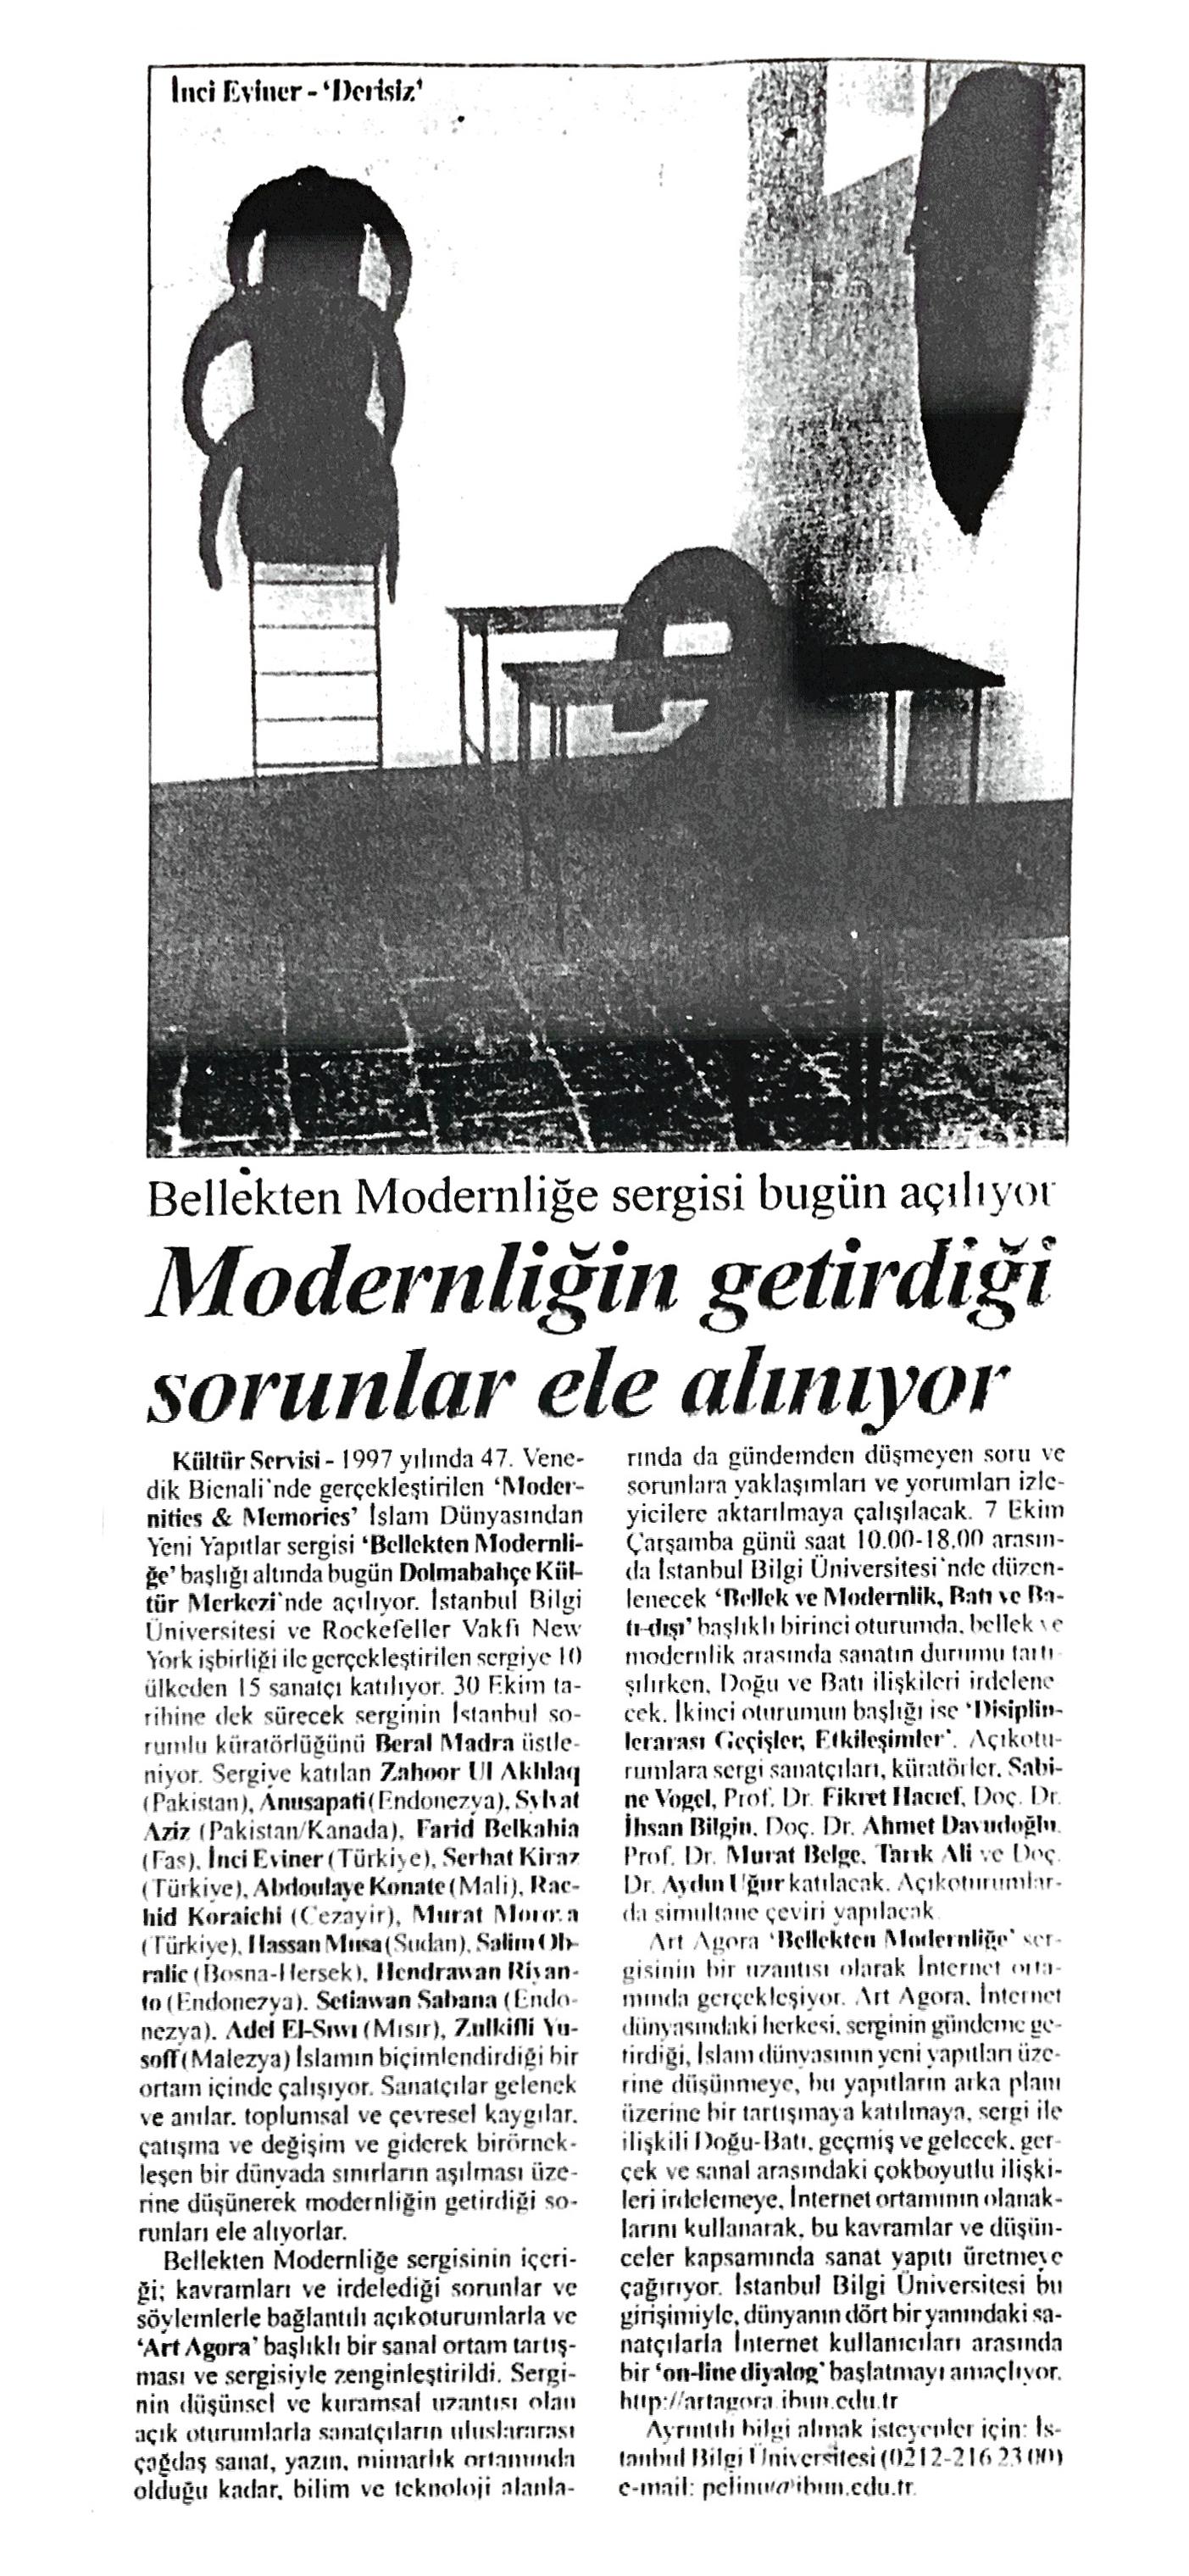 1998_YeniYuzyil_6Ekim